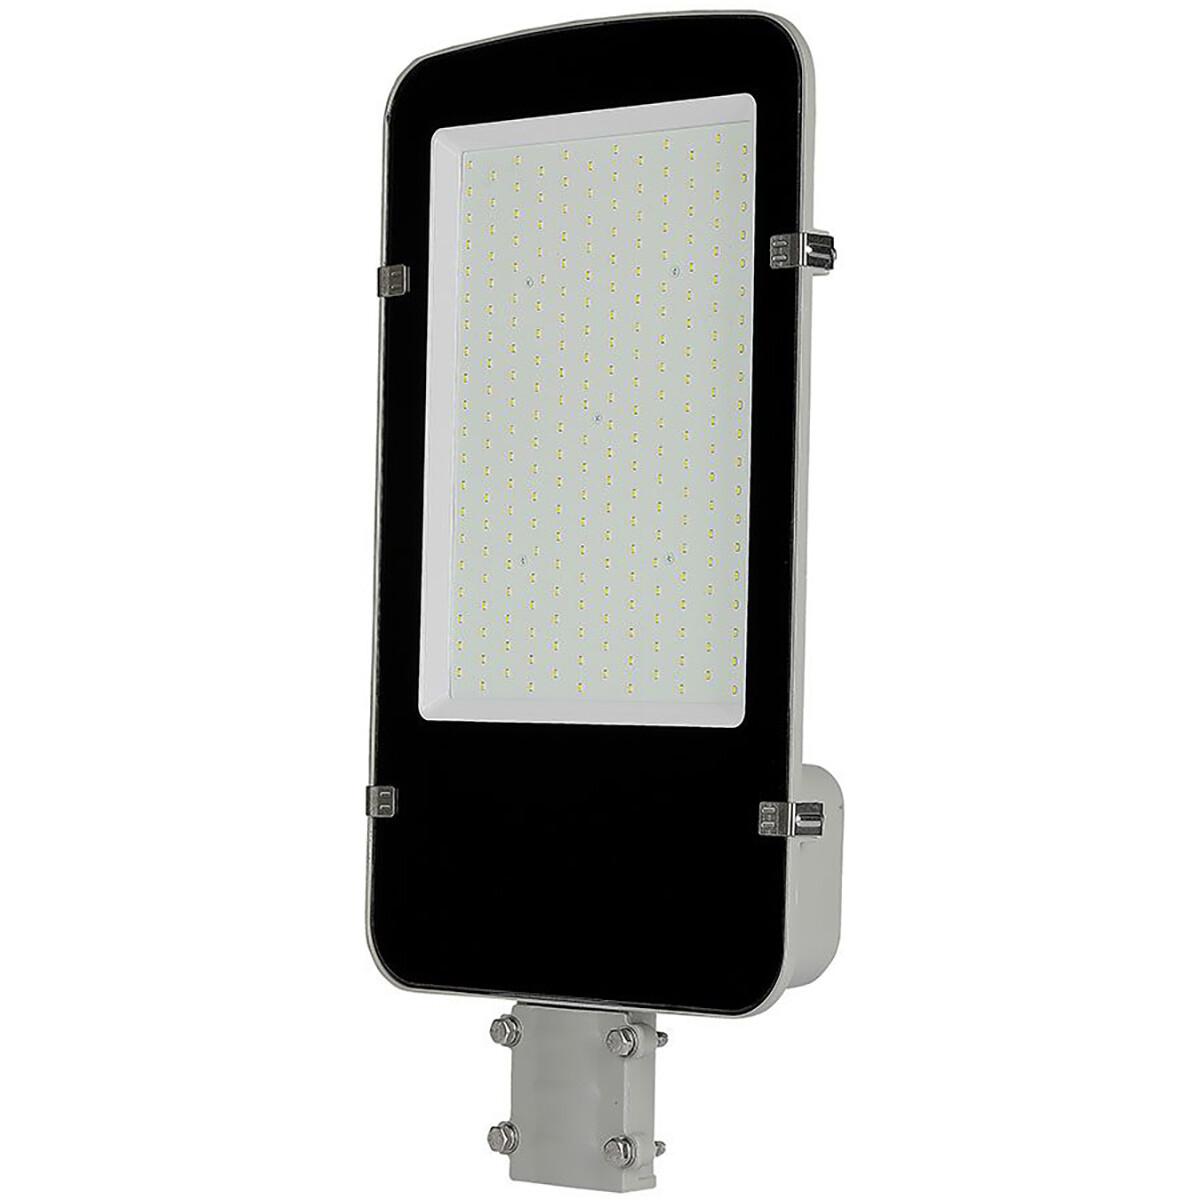 SAMSUNG - LED Straatlamp - Viron Anno - 150W - Helder/Koud Wit 6400K - Waterdicht IP65 - Mat Zwart -